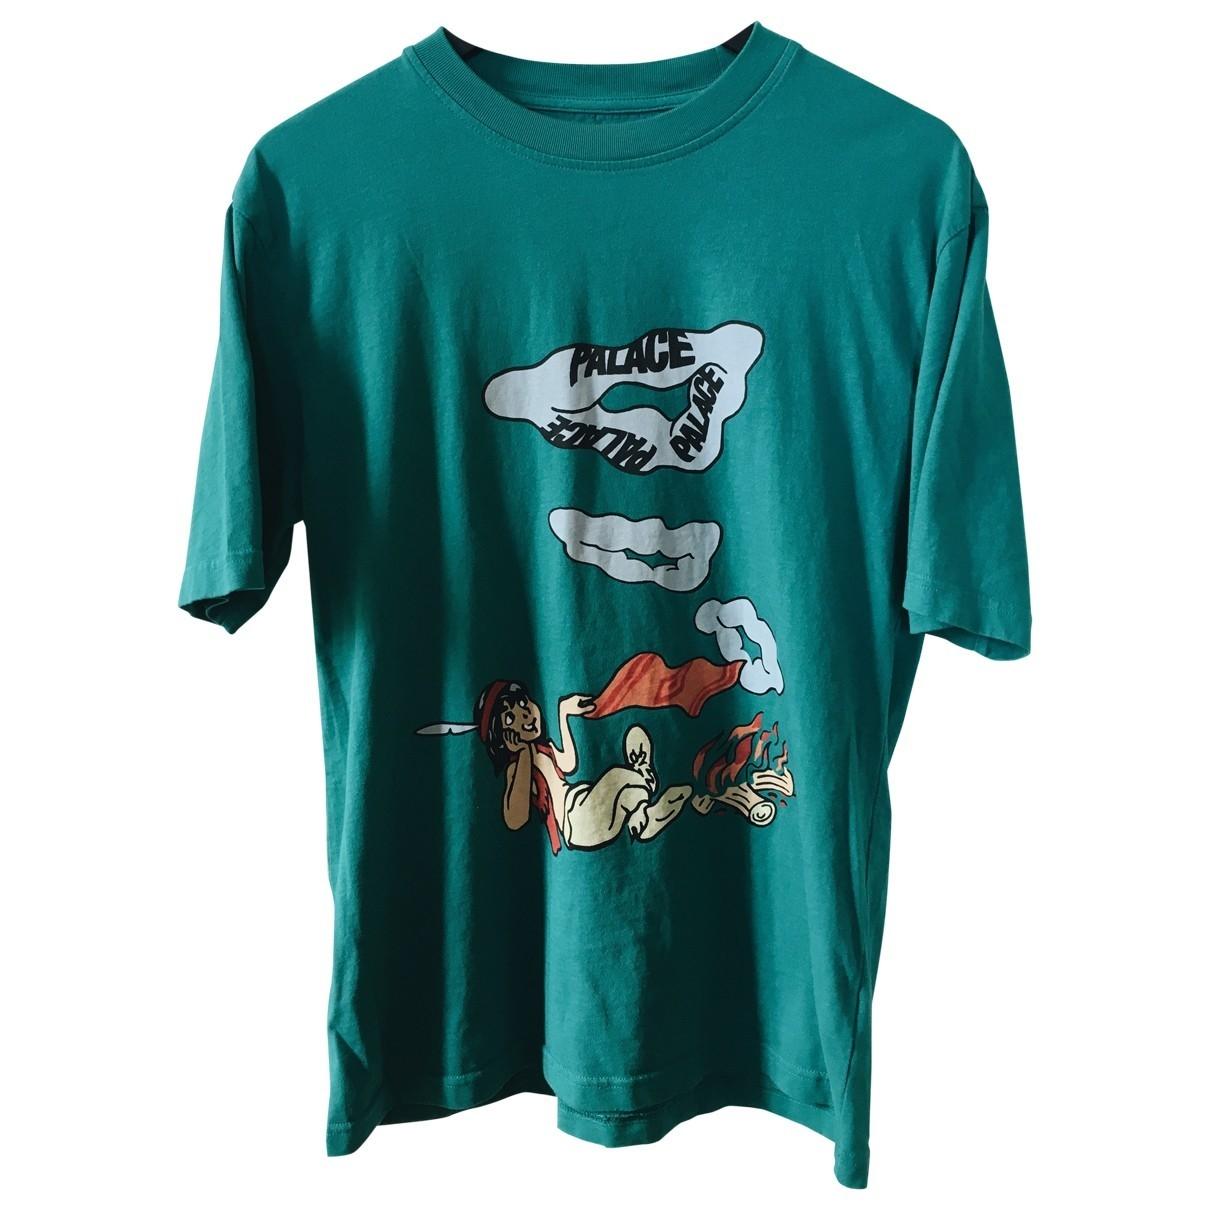 Palace - Tee shirts   pour homme en coton - vert